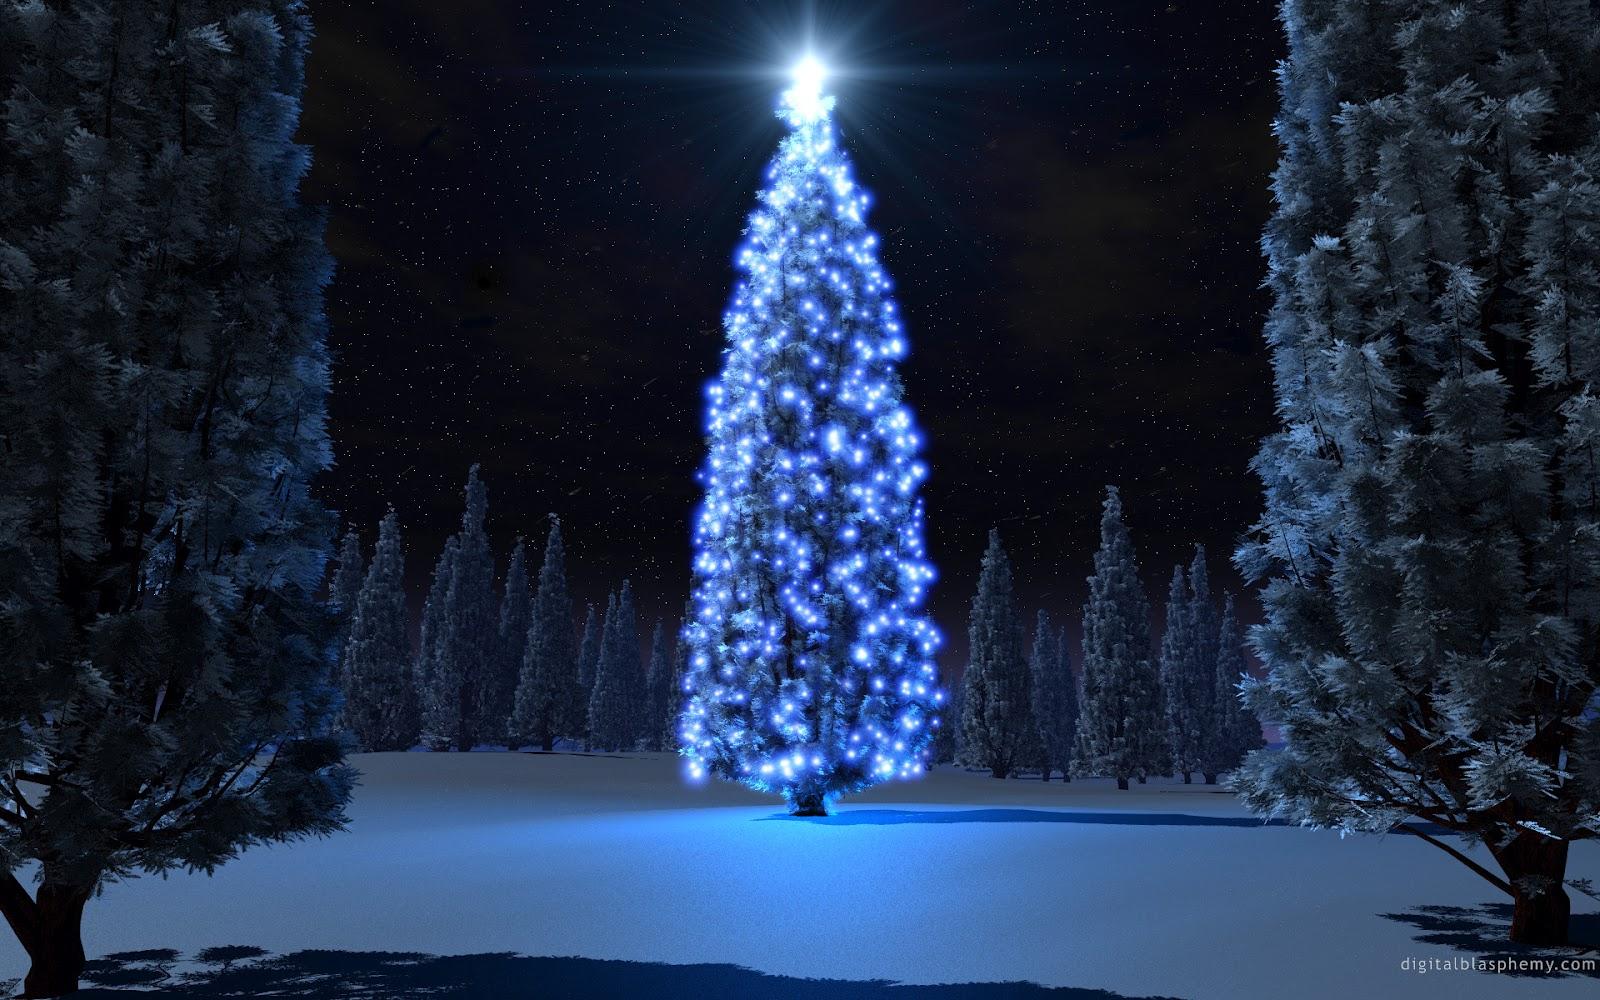 http://4.bp.blogspot.com/-kedhcrtzl-k/UGnr-8XWX7I/AAAAAAAAAkc/7jFZ0rUlGTY/s1600/christmas-wallpaper-16.jpg